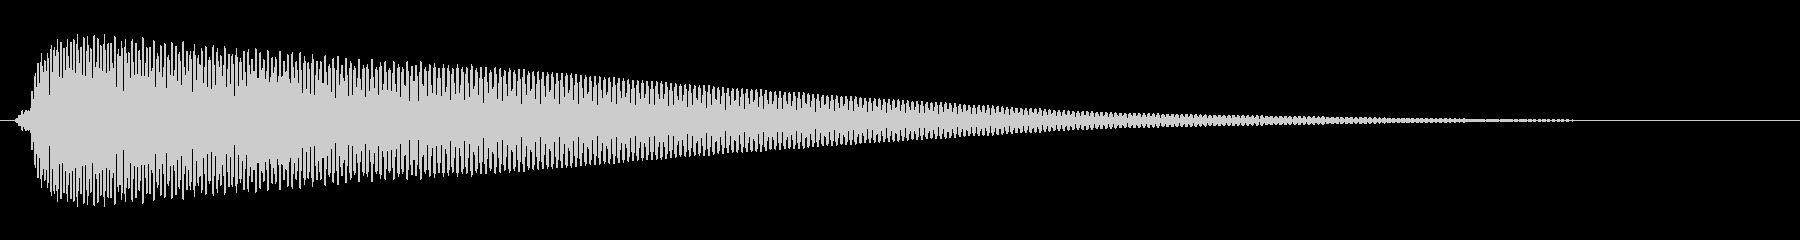 次の人どうぞという順番をめくる音の未再生の波形